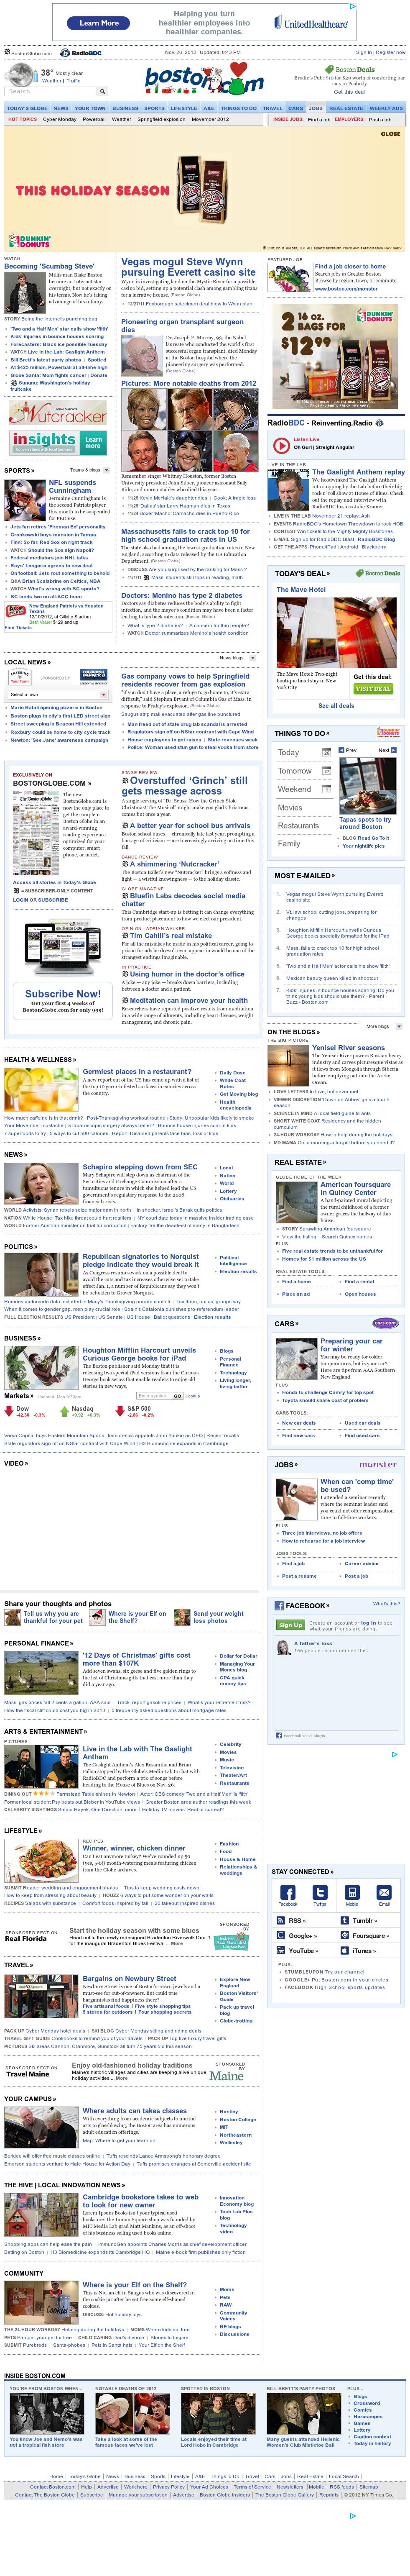 Boston.com at Tuesday Nov. 27, 2012, 2:03 a.m. UTC